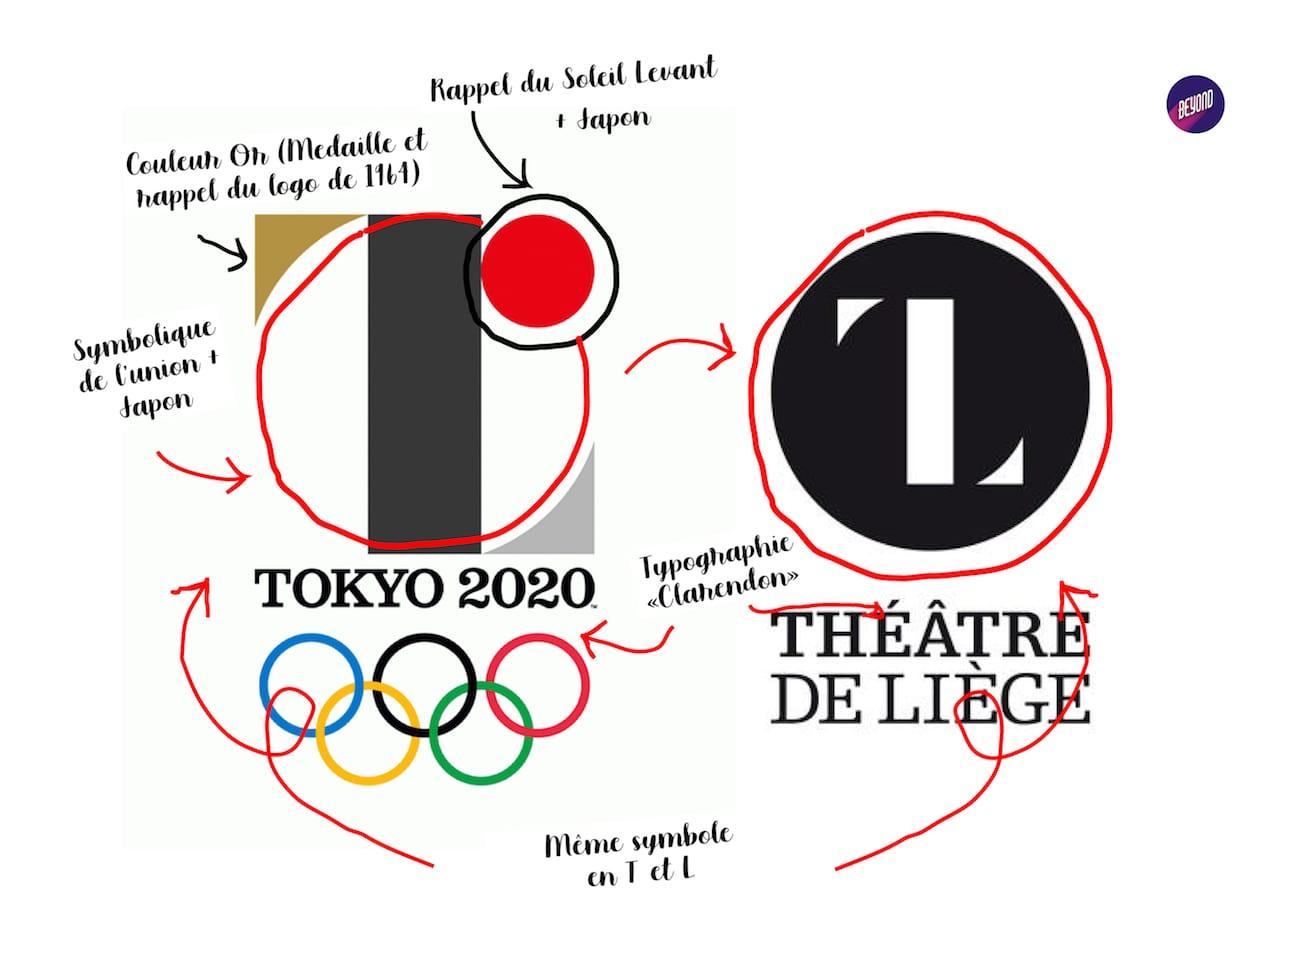 Le logo Tokyo 2020 et le logo du Théâtre de Liège